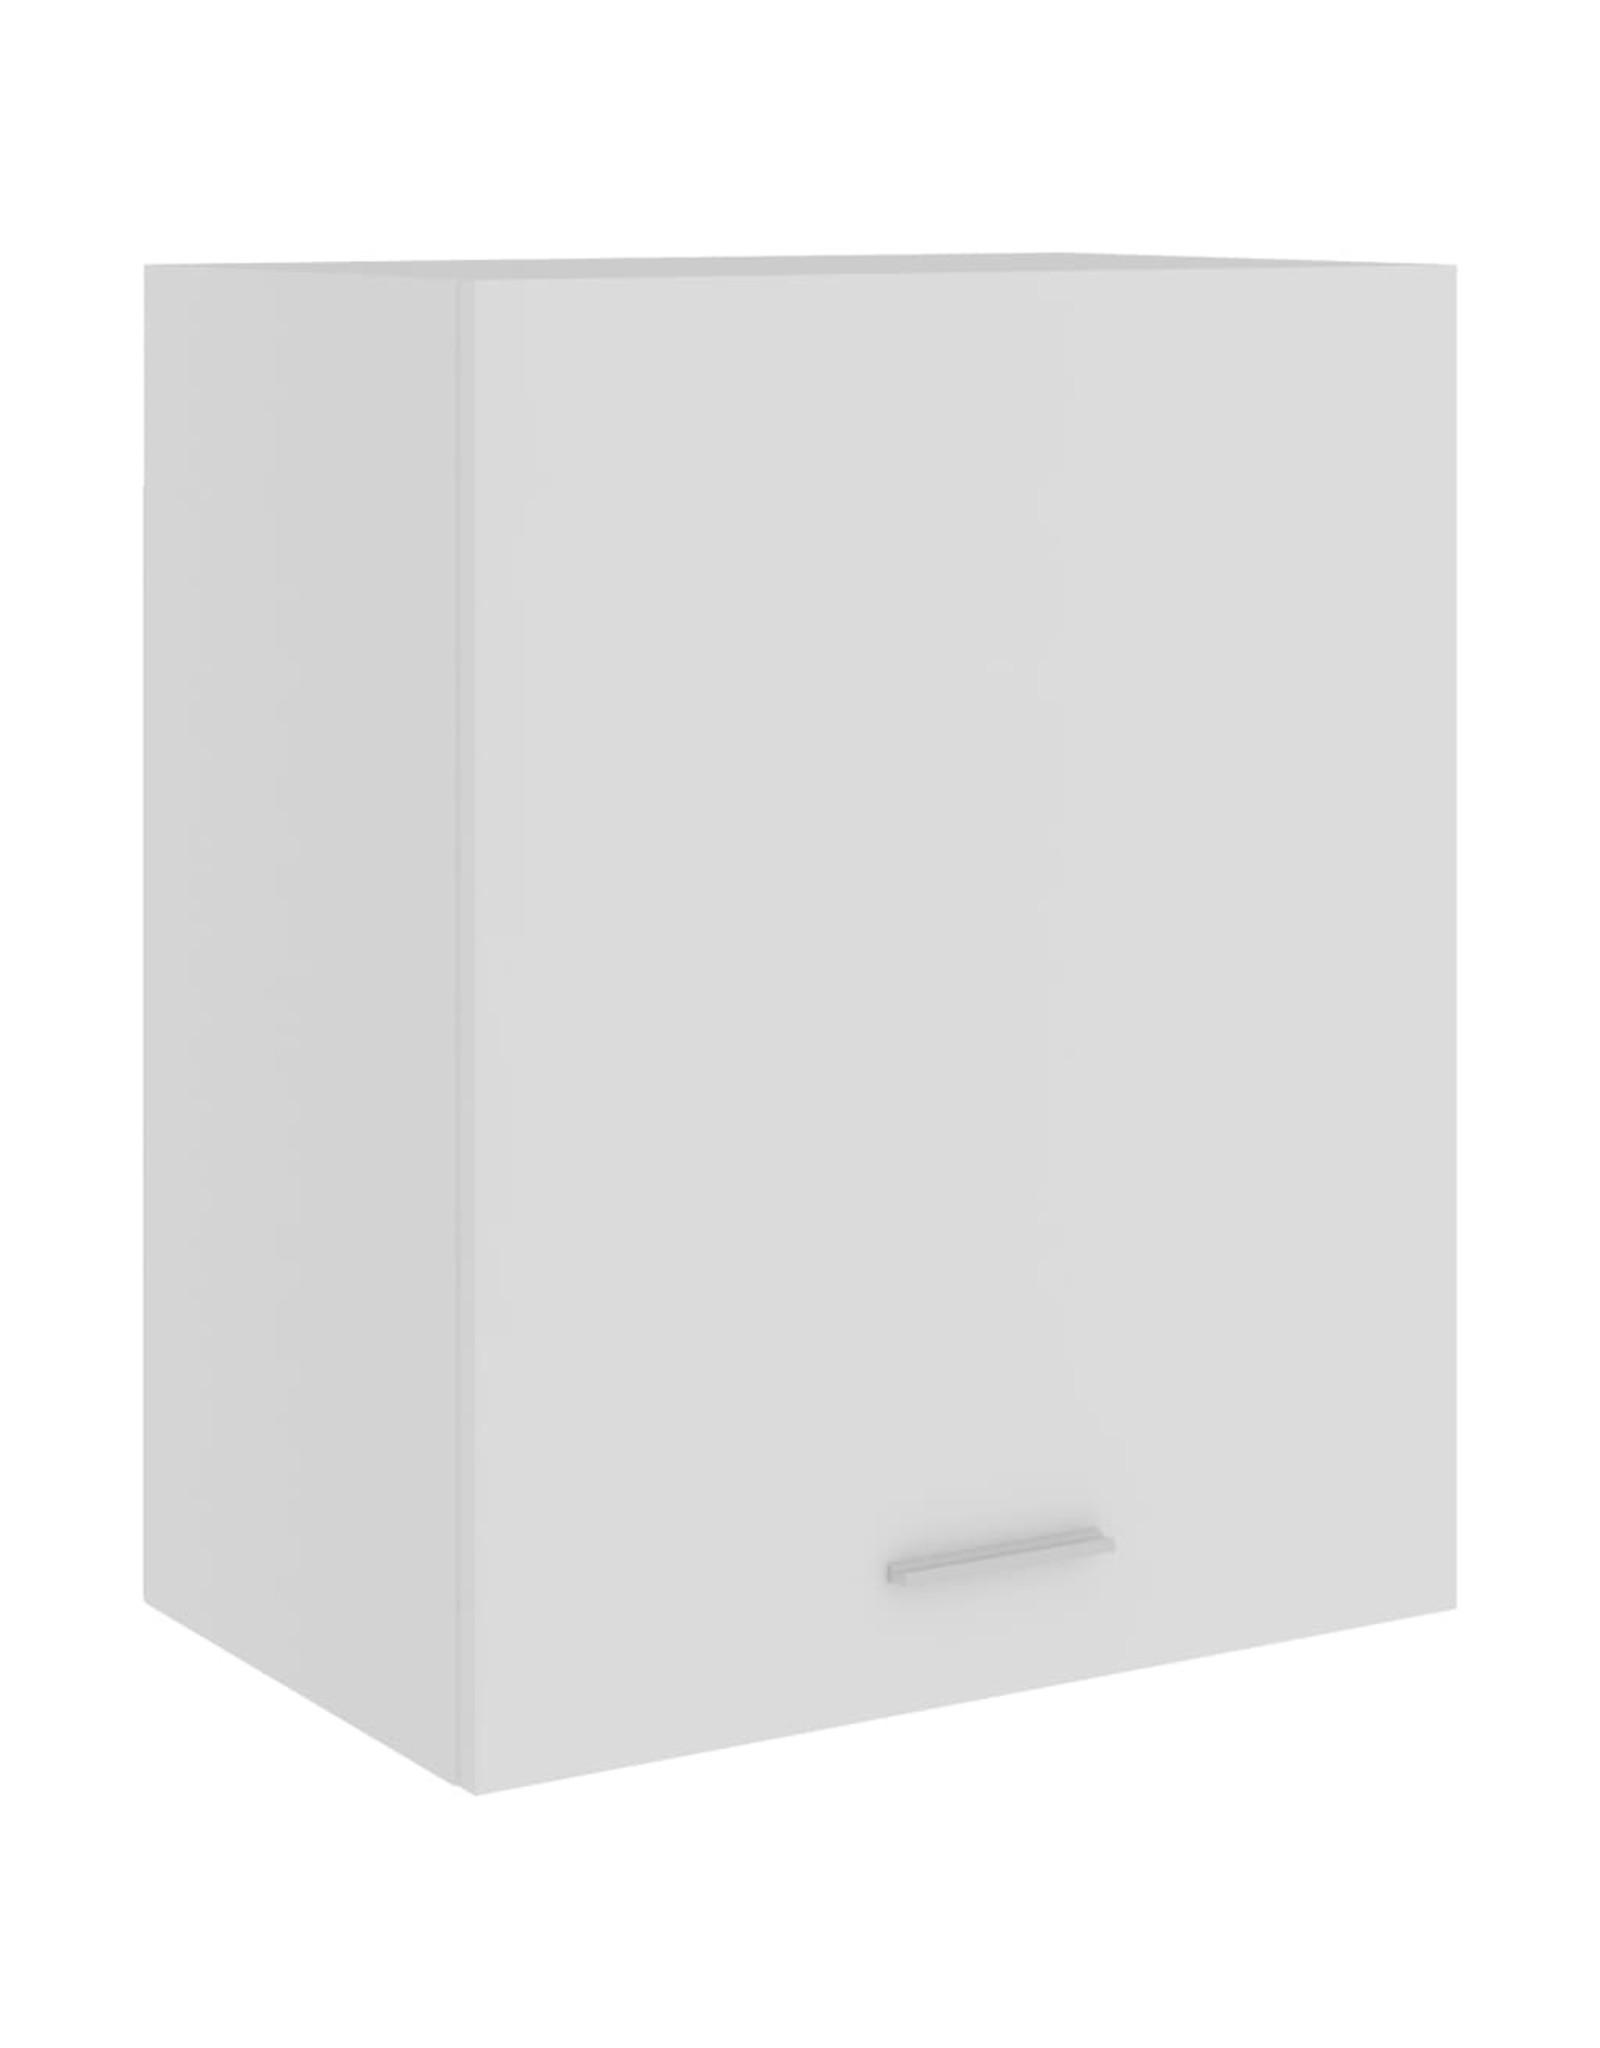 Hangkast 50x31x60 cm spaanplaat wit